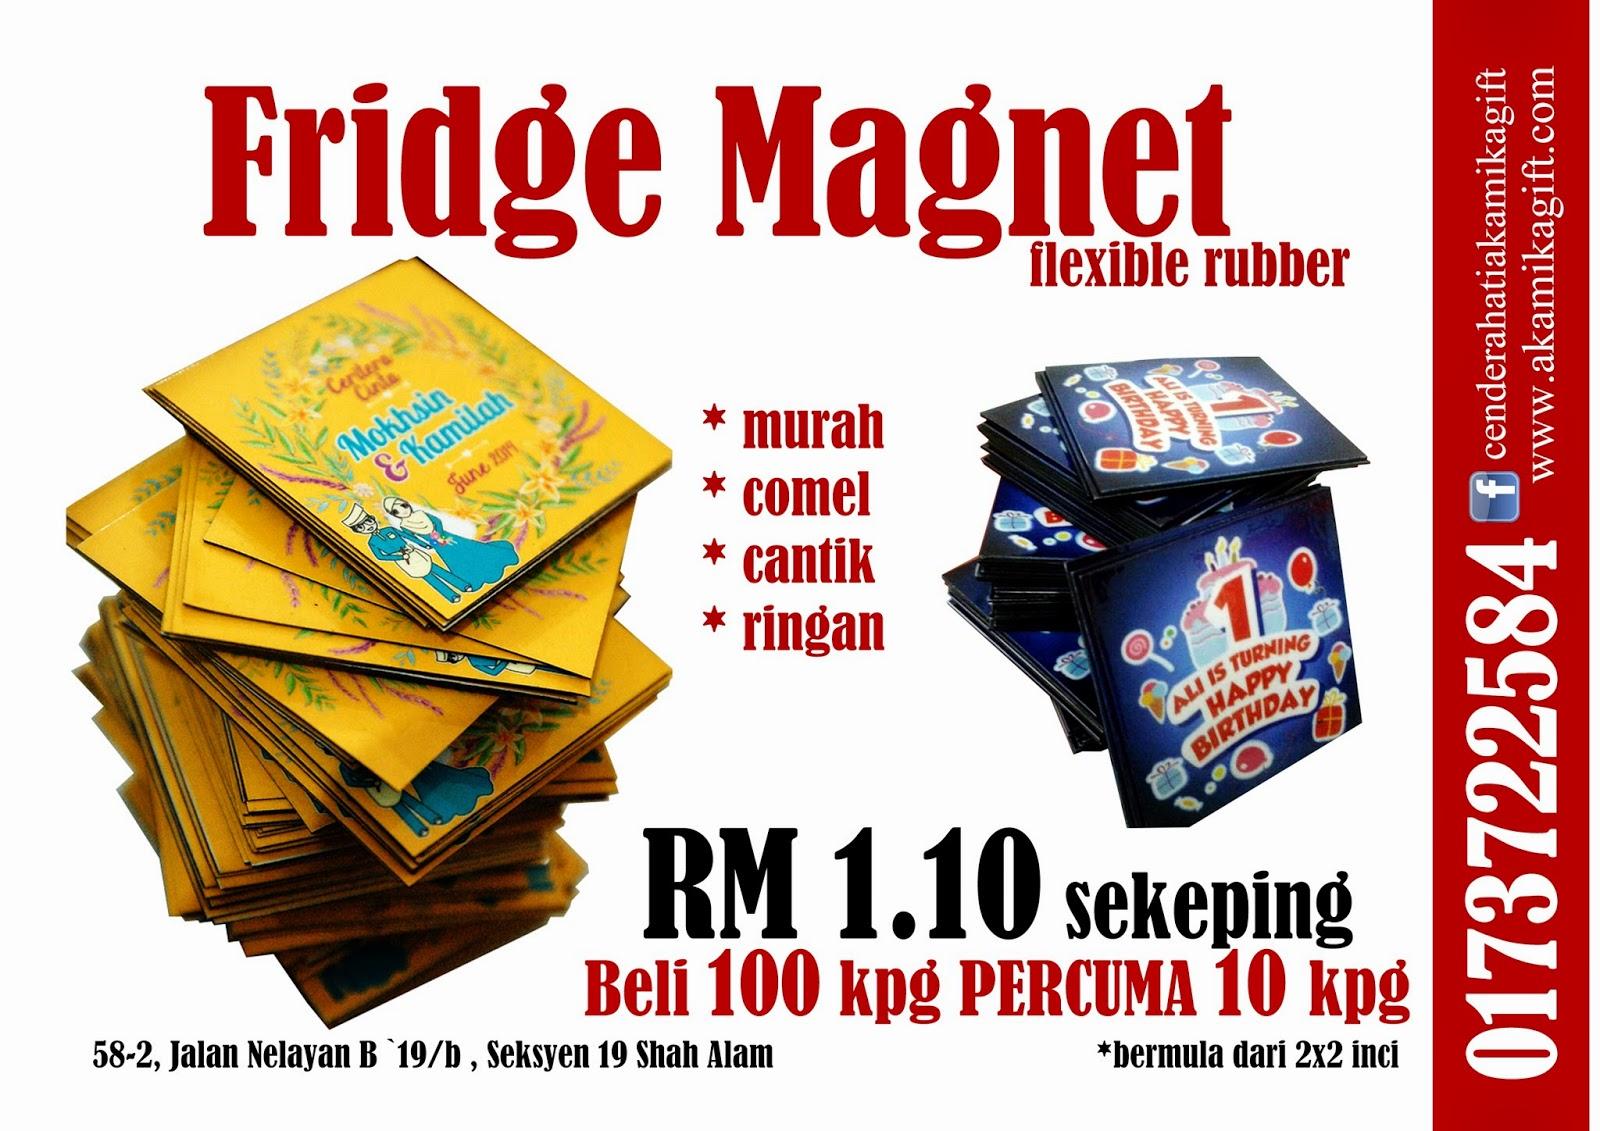 Fridge Door Magnets Fridge Magnet Beli 100